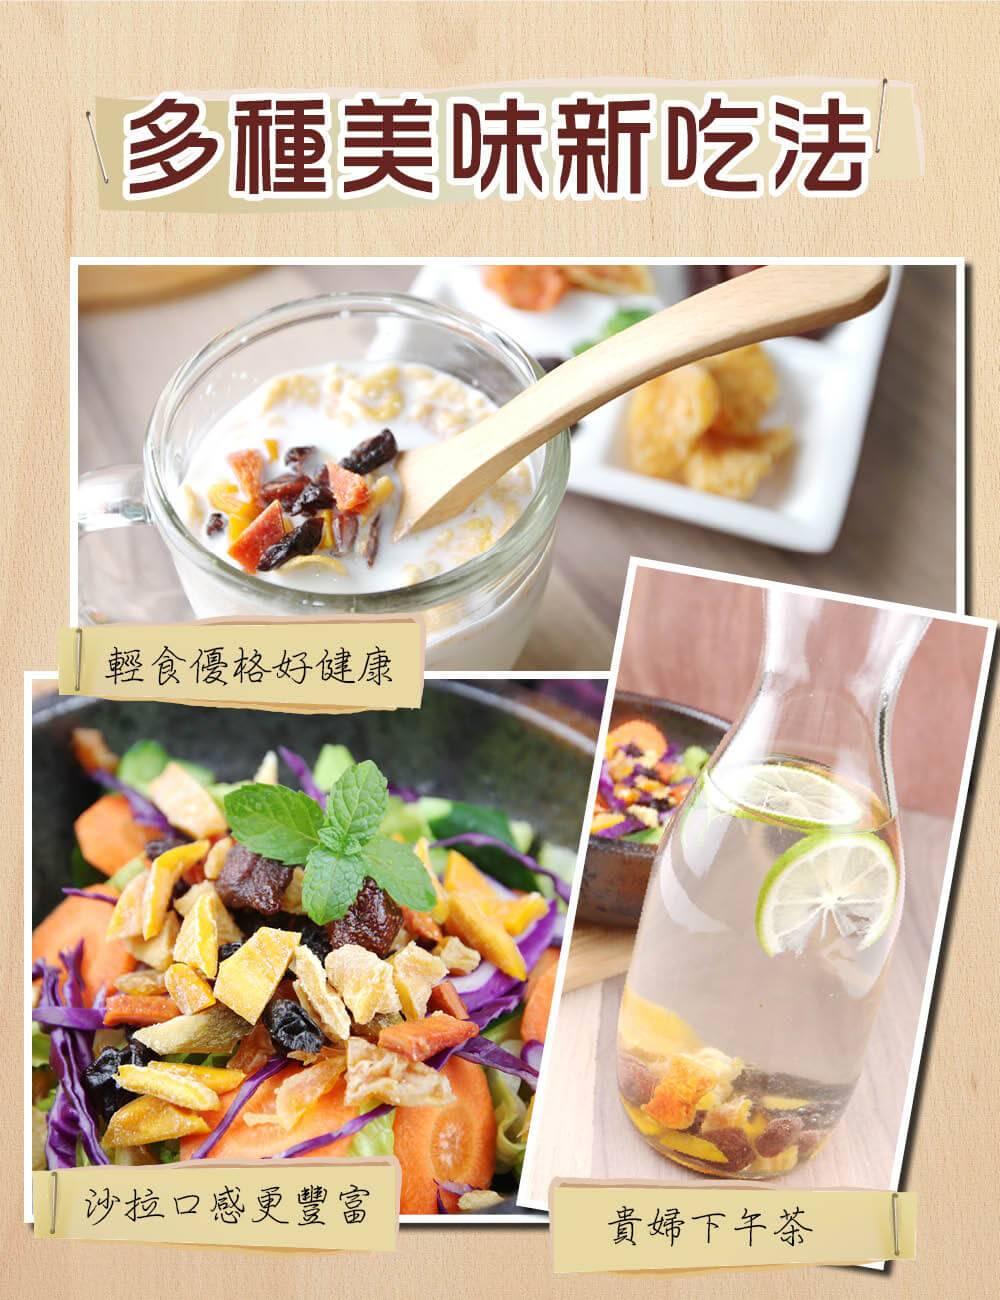 果然美味紅肉火龍果乾-多種美味新吃法